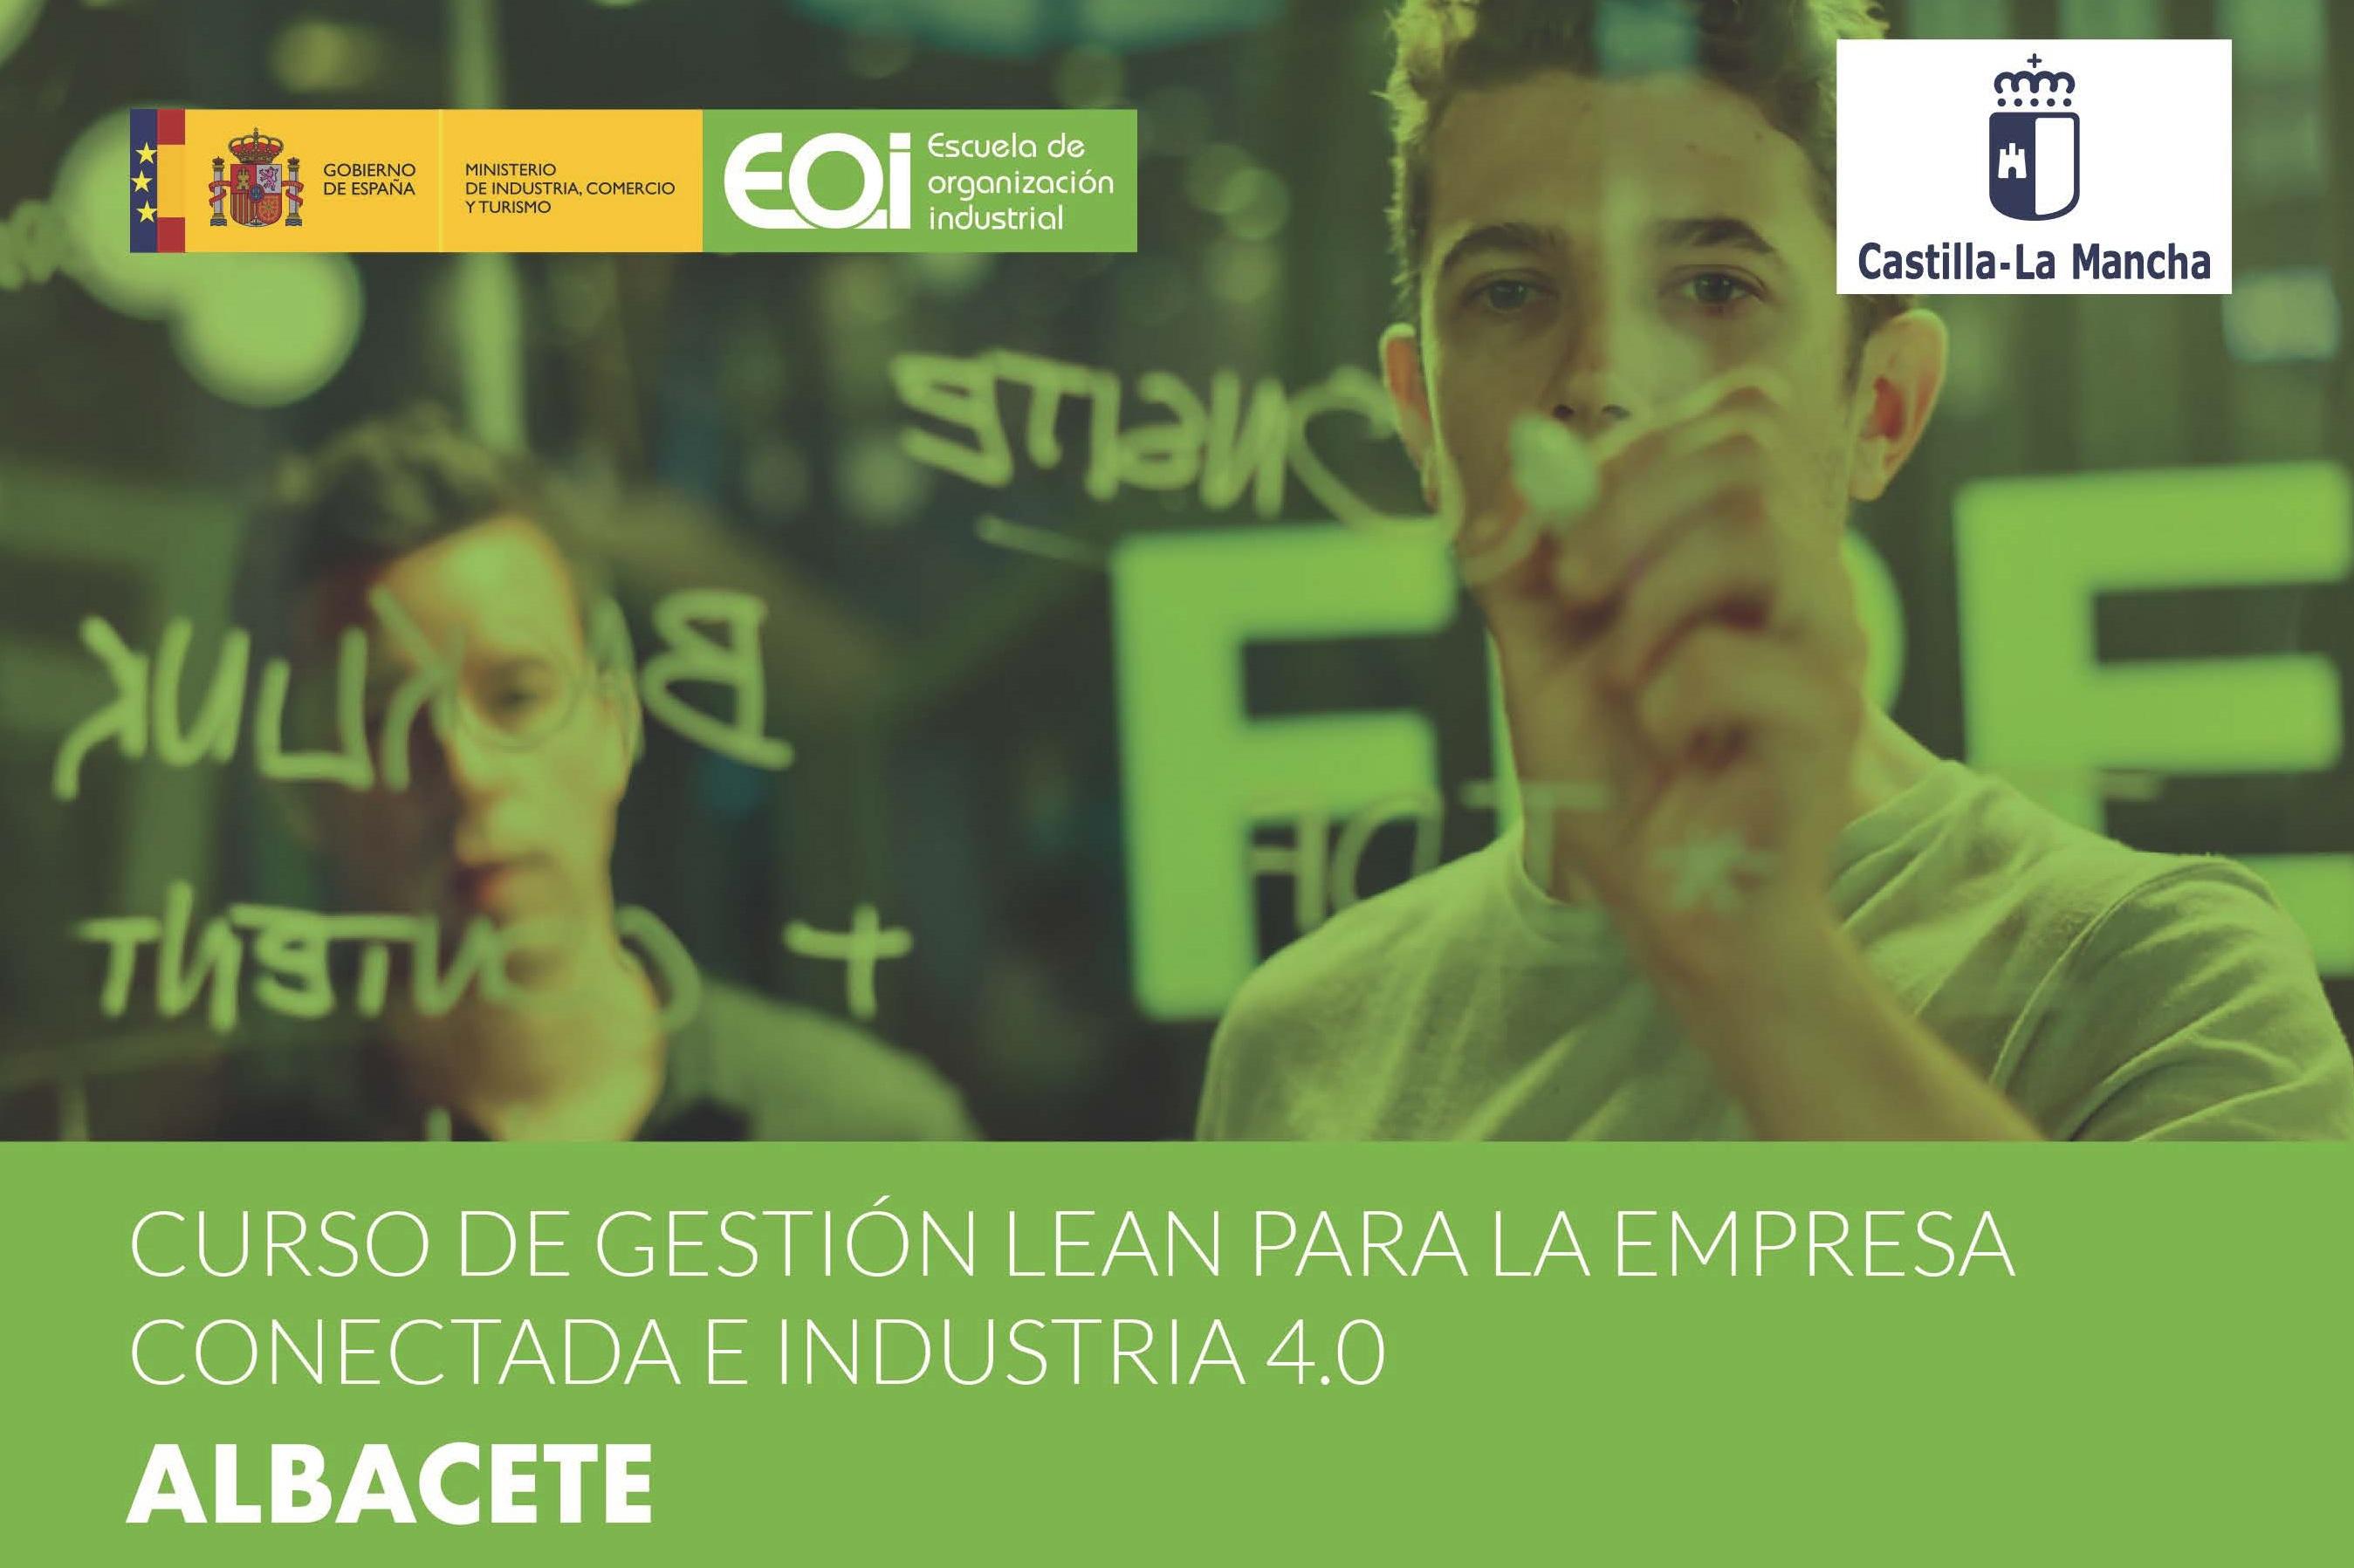 Curso de Gestión Lean para la Empresa Conectada e Industria 4.0 impartido en nuestras instalaciones en Albacete